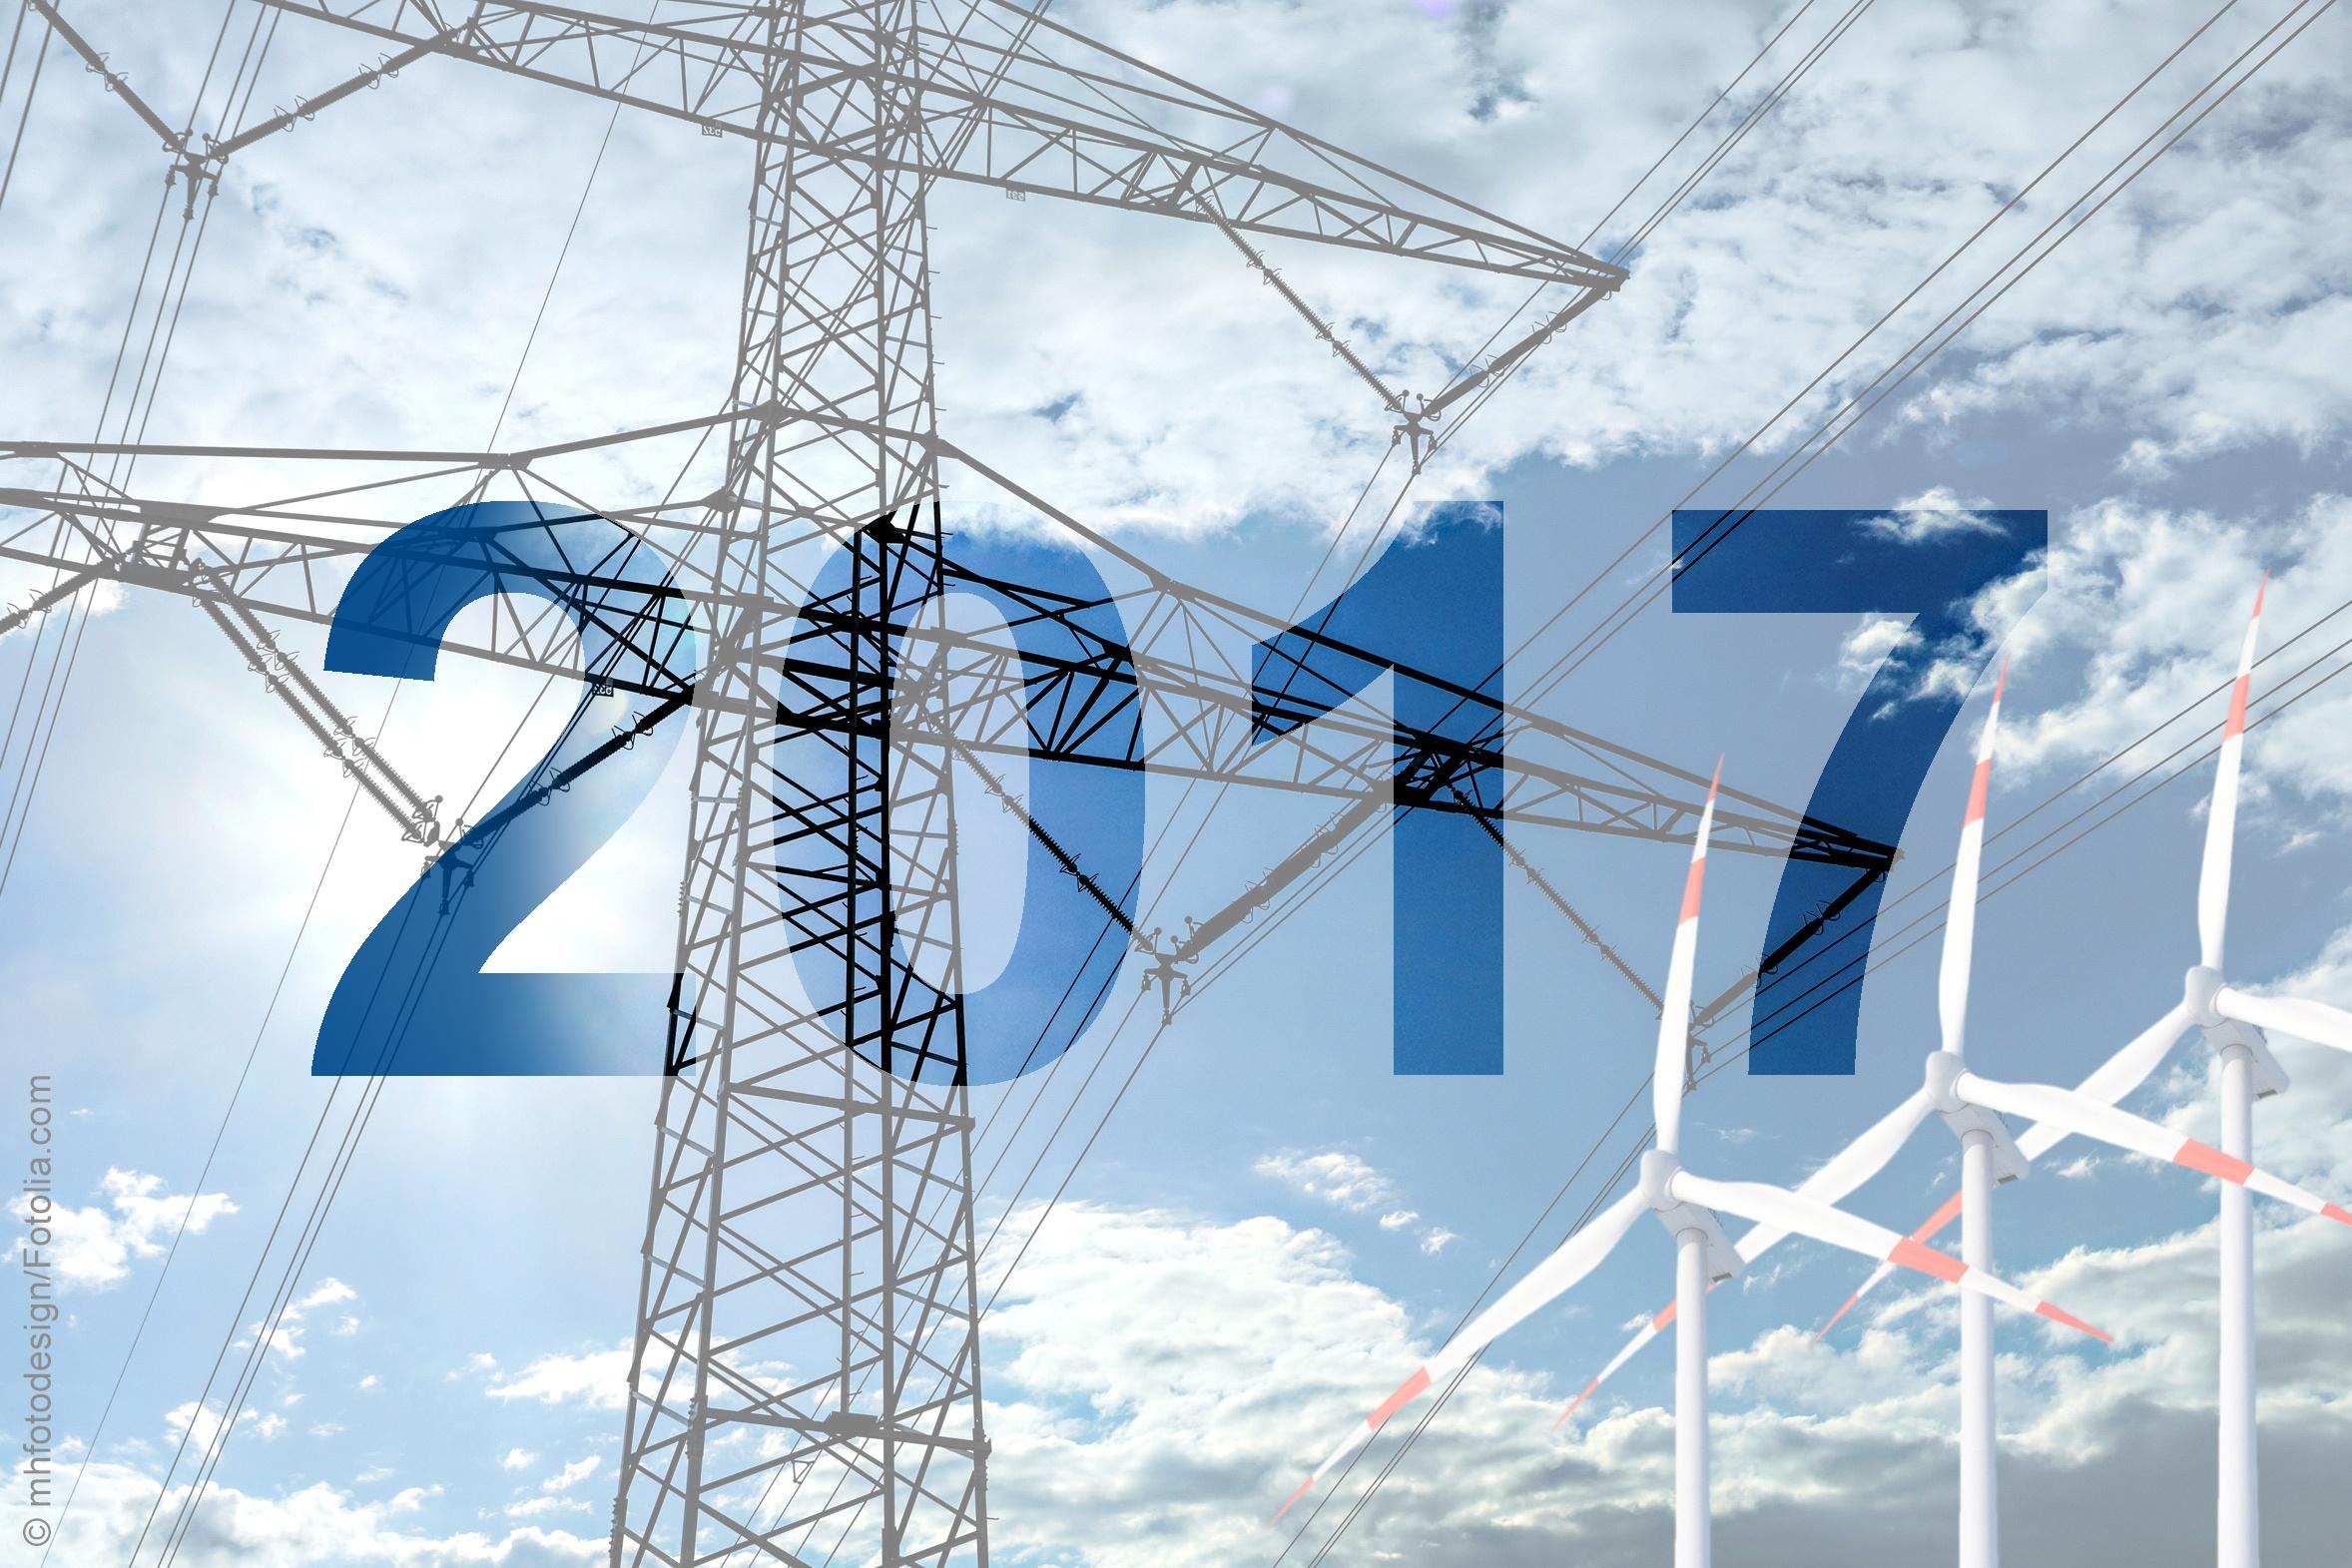 Strompreis-2017_ToF_Steuern, Abgaben, Umlagen_170201.jpg